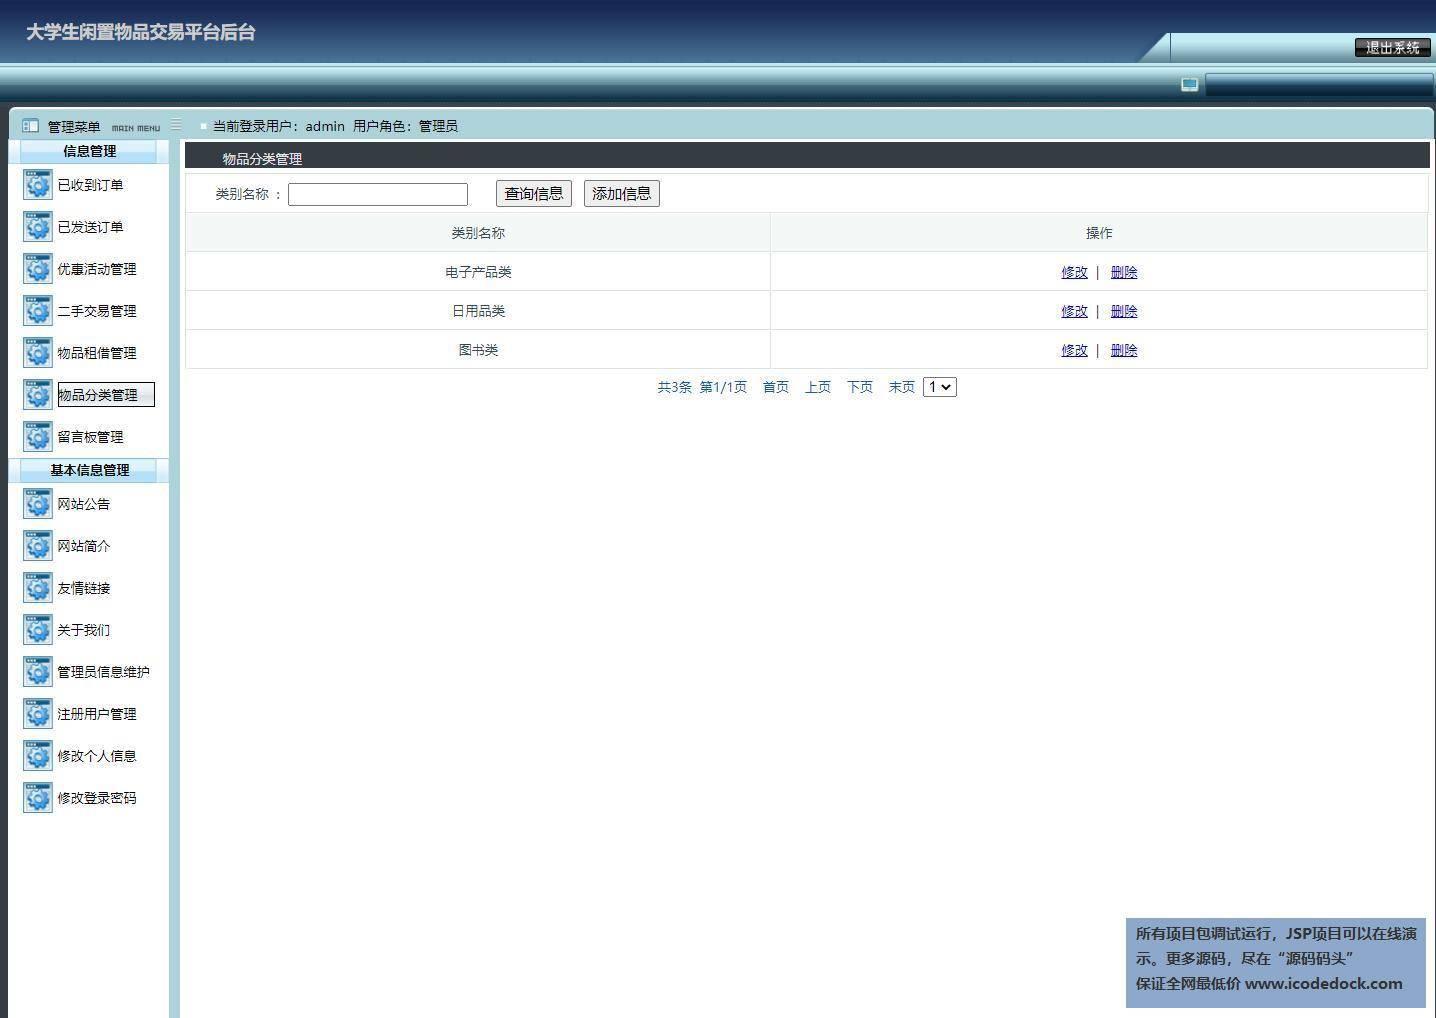 源码码头-JSP校园二手物品交易信息平台-管理员角色-物品分类管理